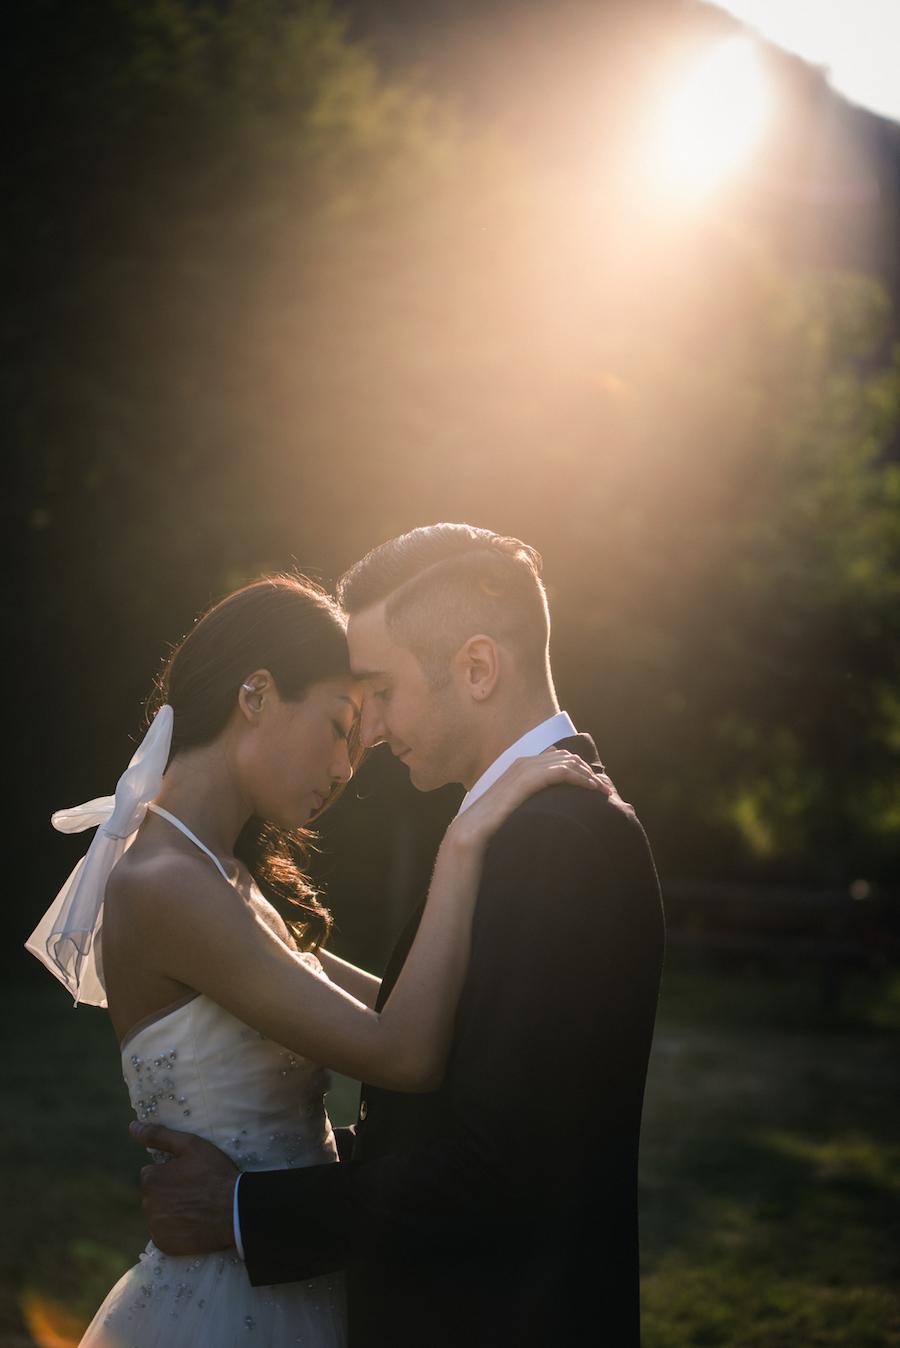 matrimonio-bilingue-con-rito-simbolico-selene-pozzer-19